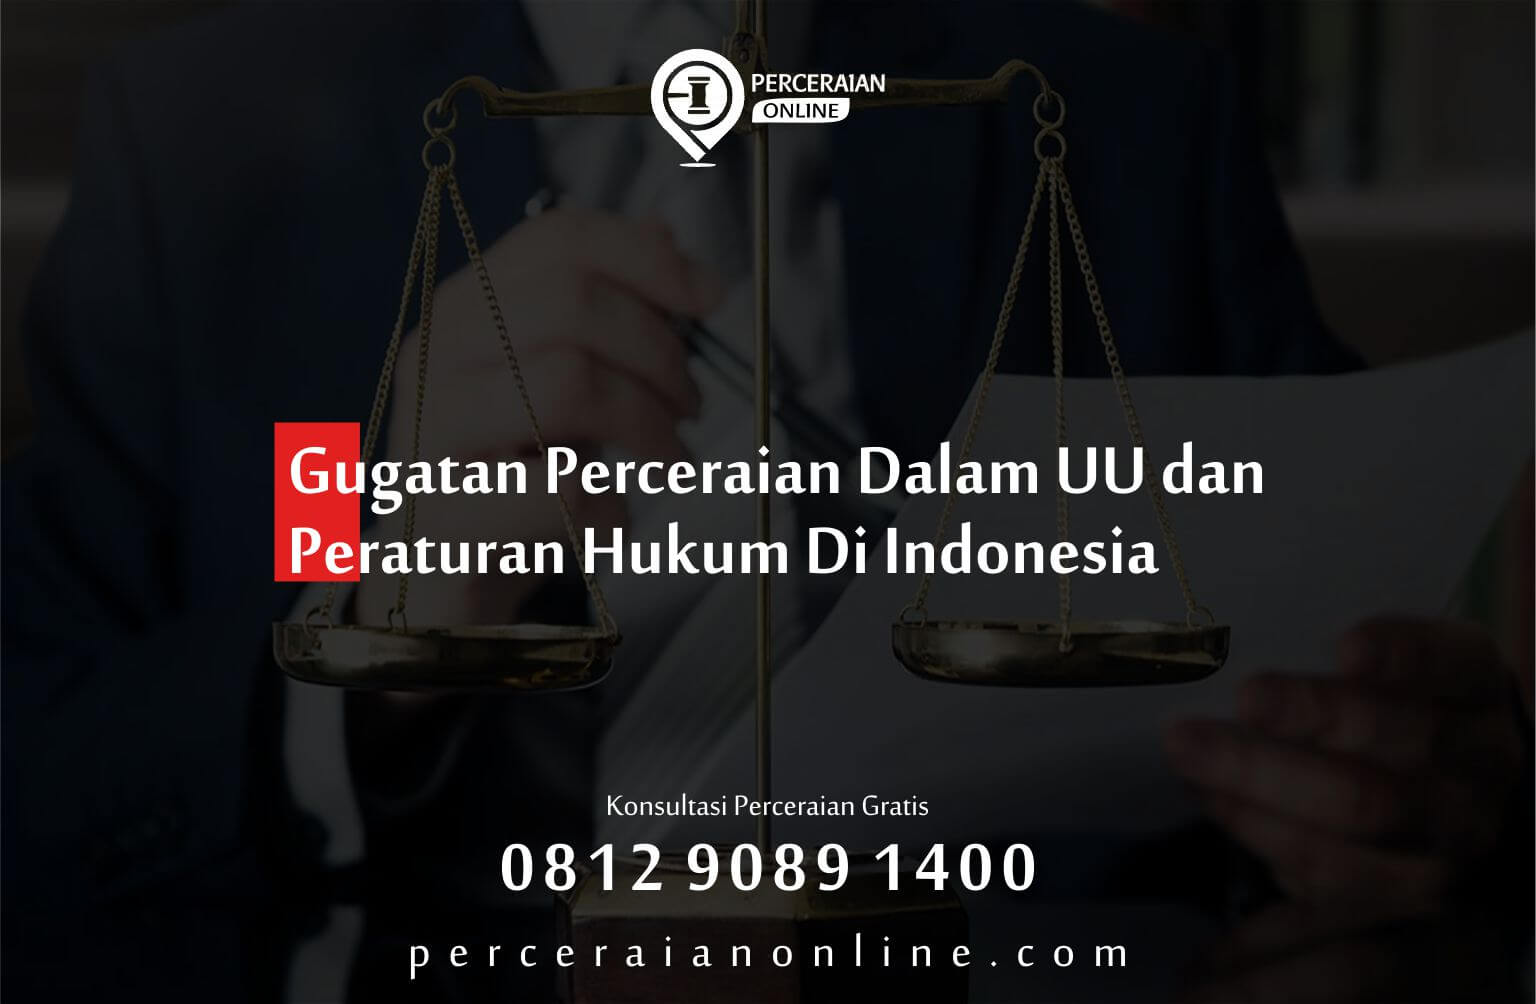 Gugatan Perceraian Dalam Uu Dan Peraturan Hukum Di Indonesia